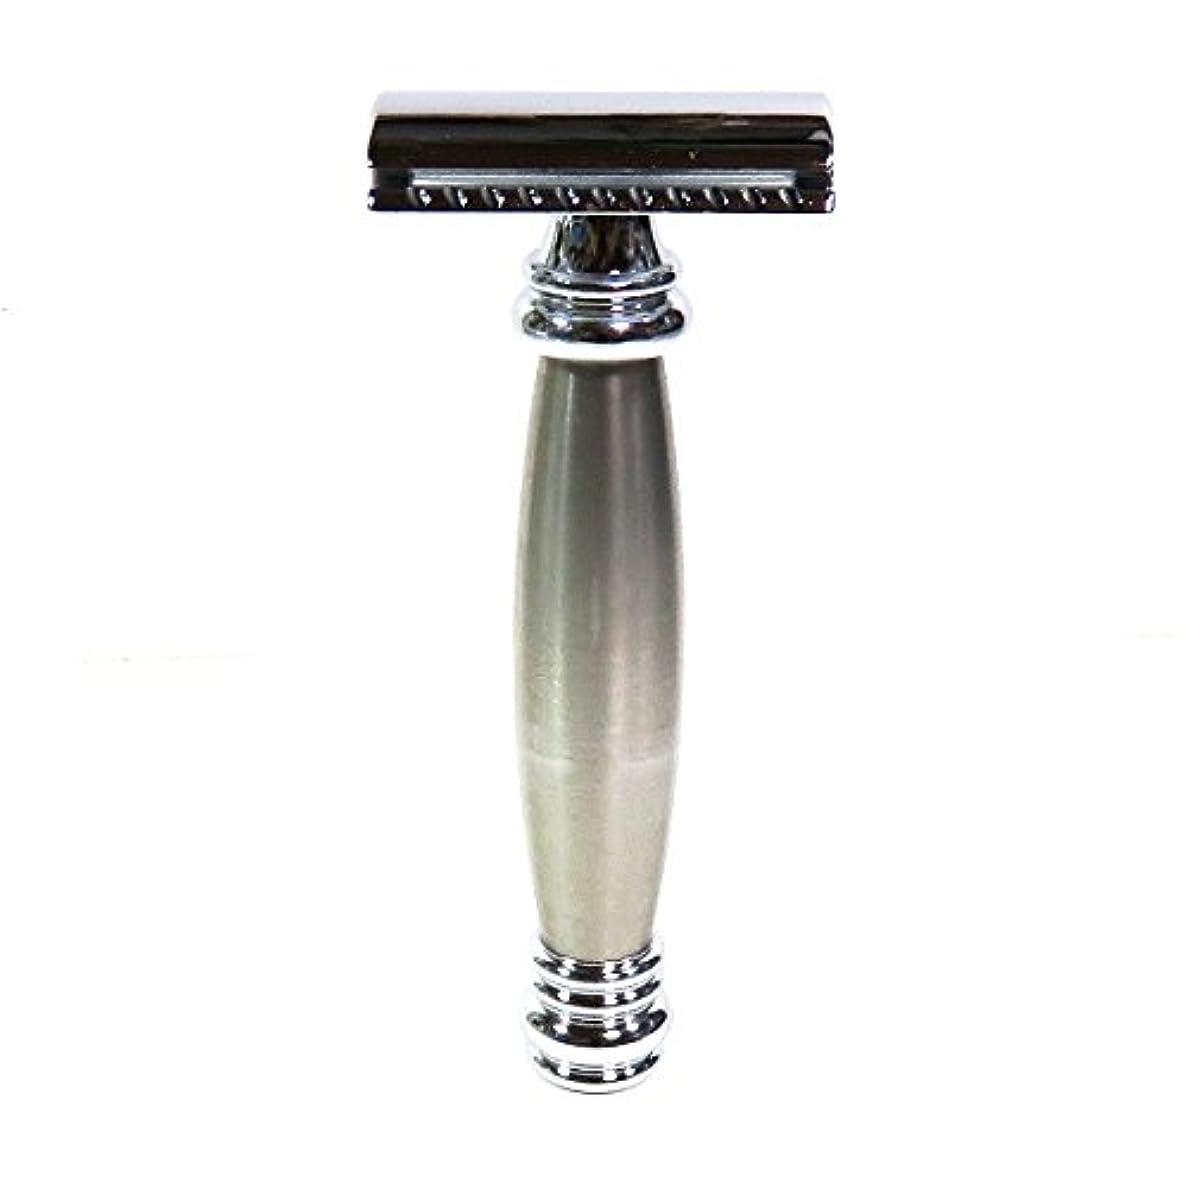 道徳教育回答落とし穴メルクールMERKUR(独)髭剃り(ひげそり)両刃ホルダー43002 流線型重厚グリップ